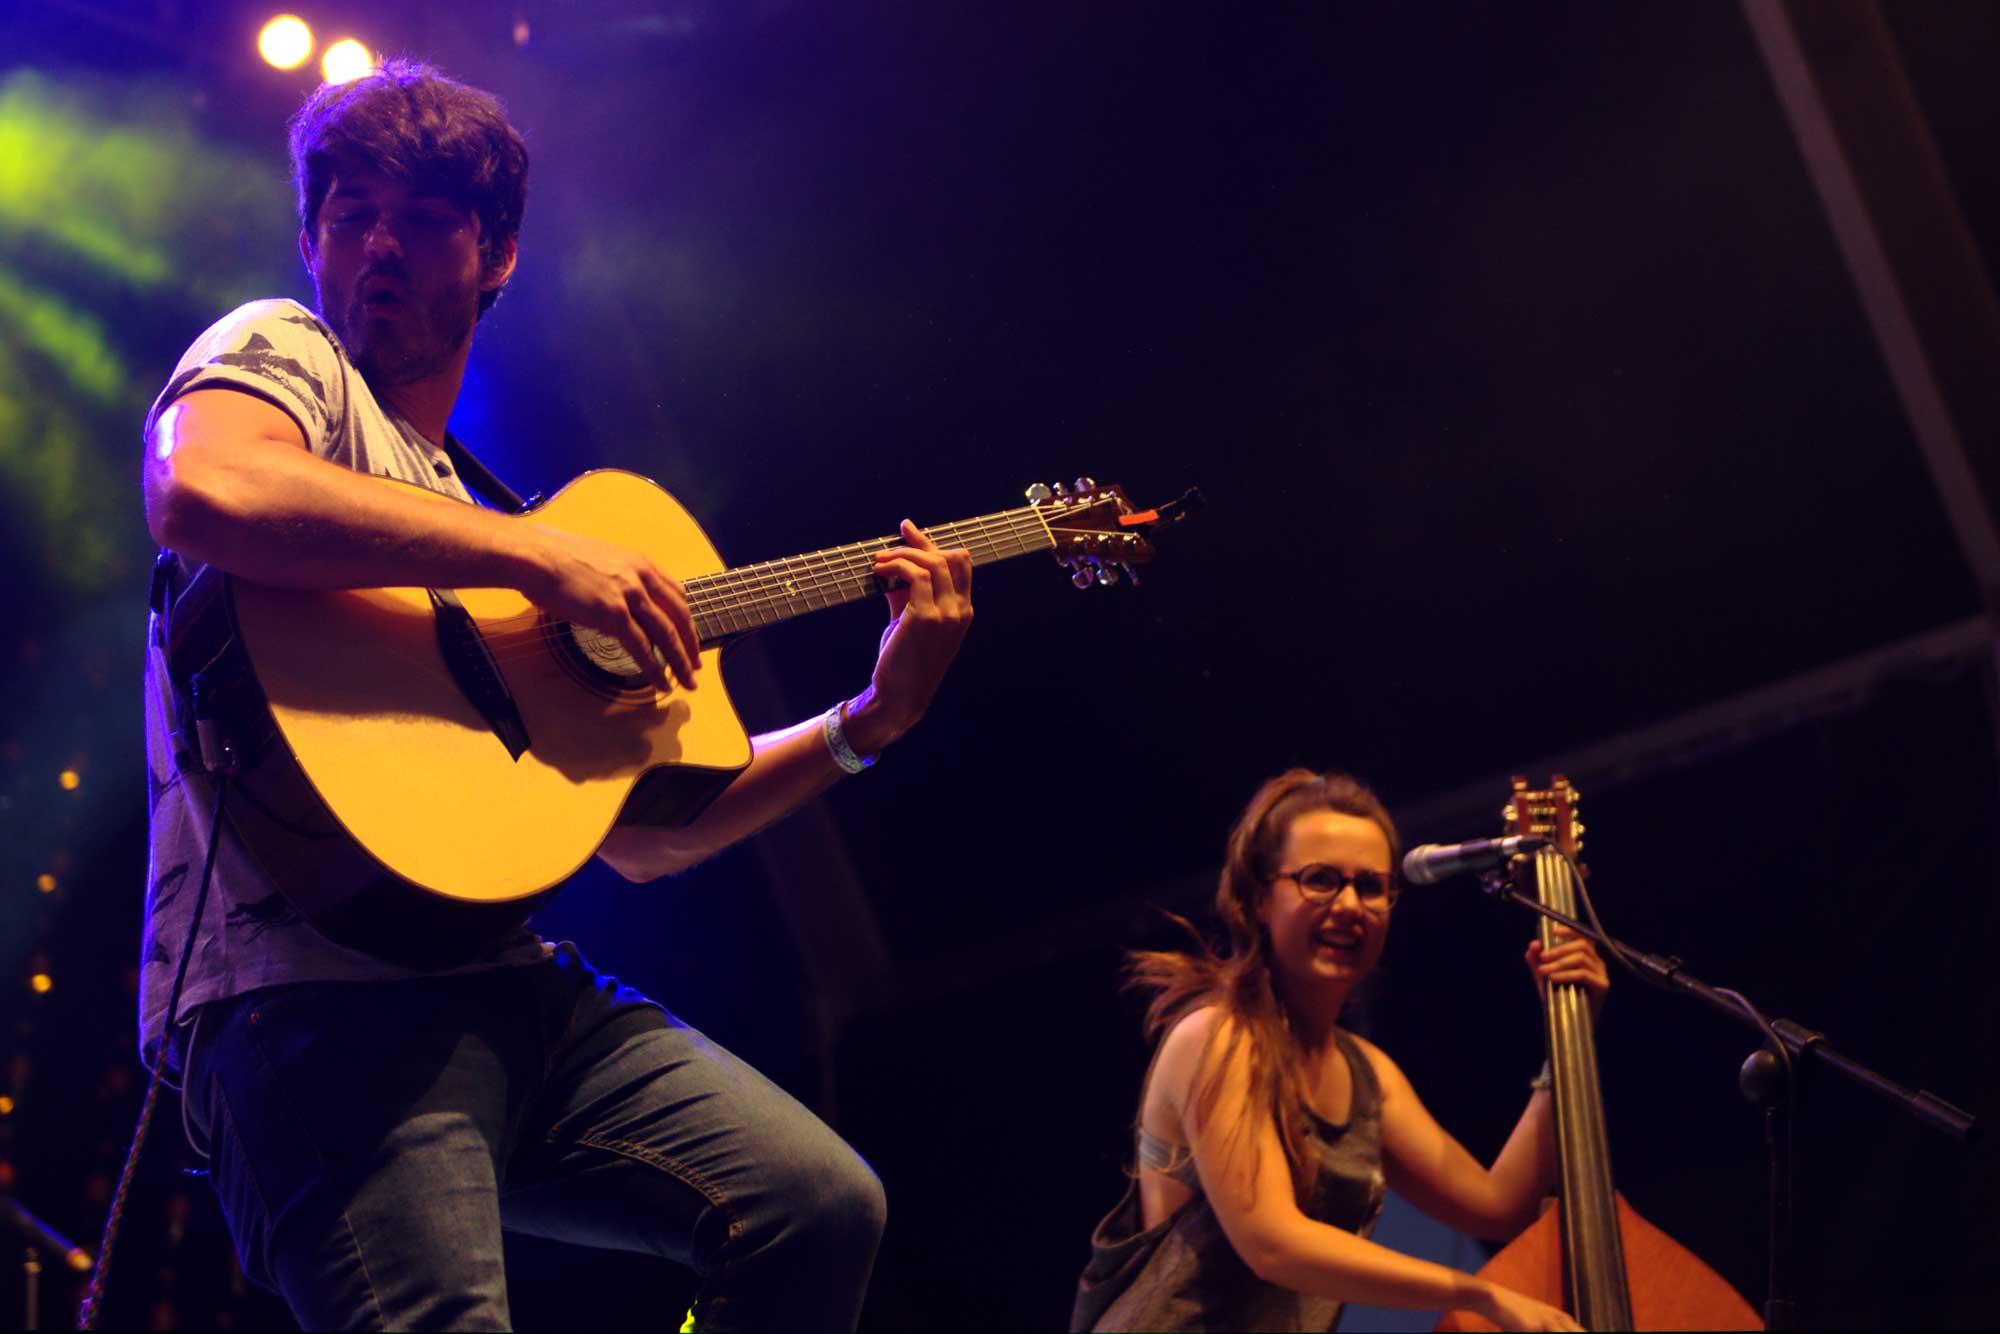 Èric Vergés i Roser Cruells d'Els Catarres, durant la seva actuació al Canet Rock 2016